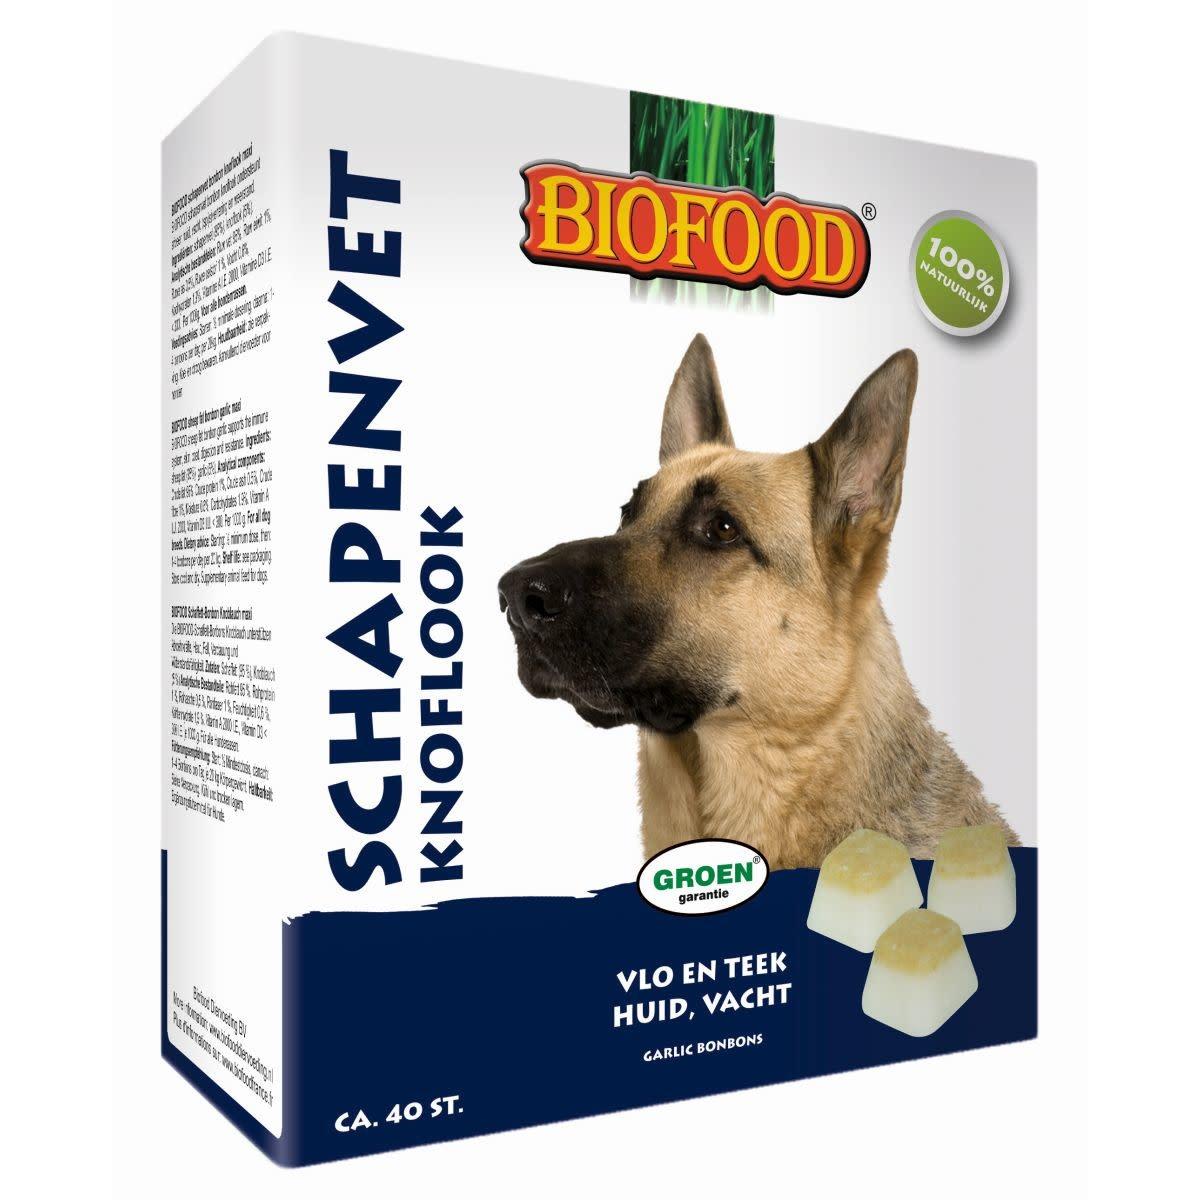 BioFood Biofood schapenvet knoflook groot 40st.